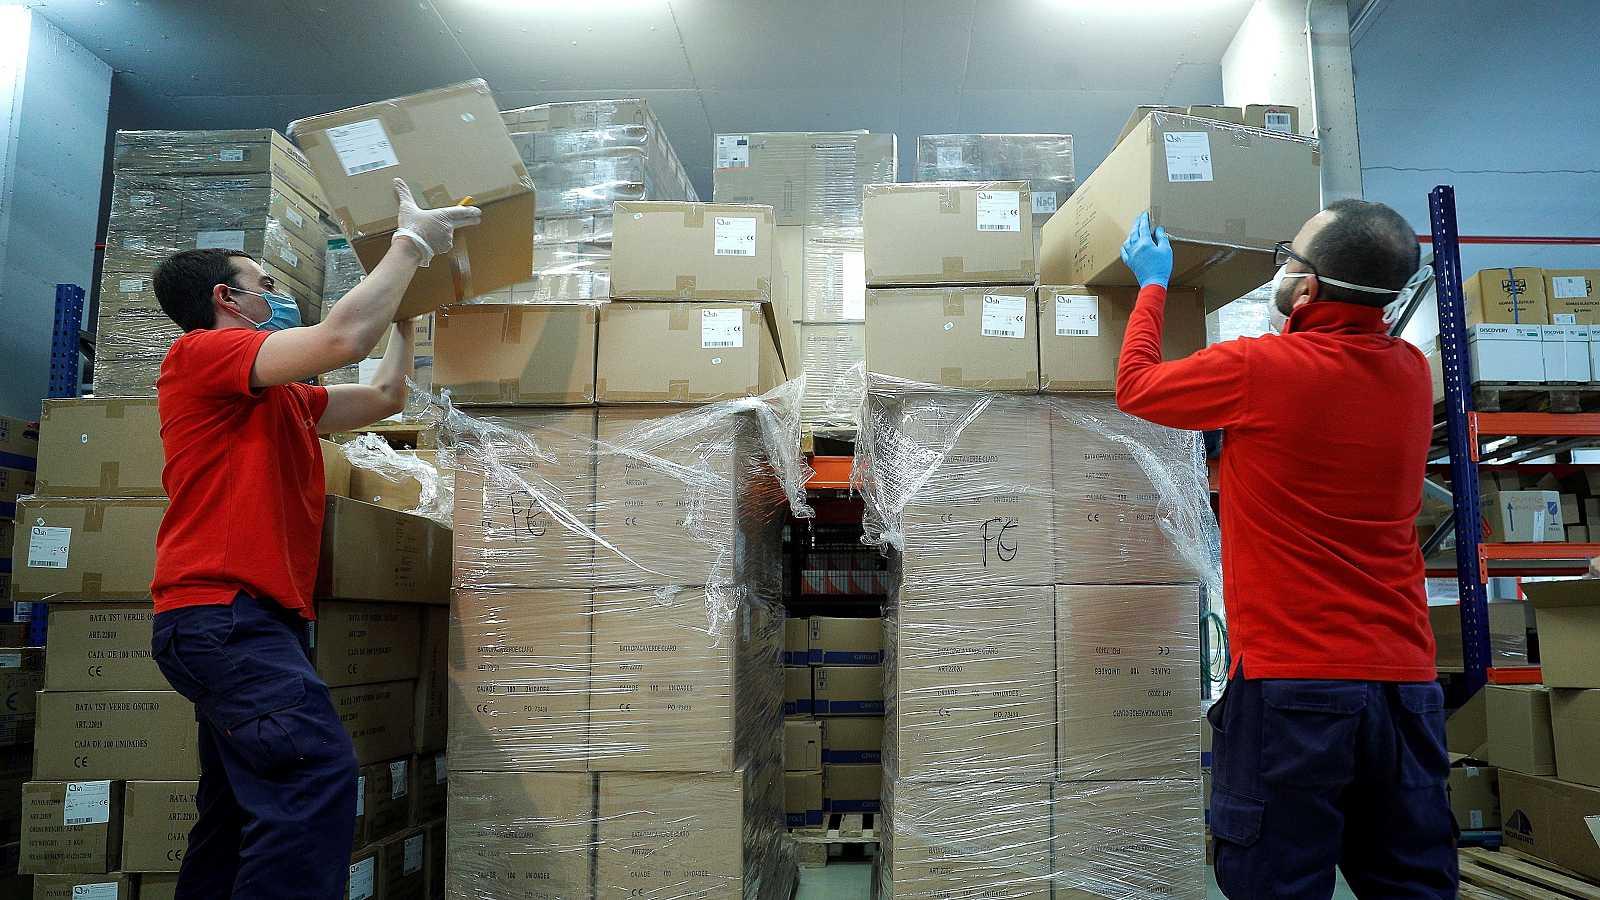 El ministro de Sanidad, Salvador Illa, ha señalado que el Gobierno ya ha cerrado contratos con proveedores por una cifra de 578 millones de euros para adquirir material sanitario necesario en la lucha contra el coronavirus. El pasado miércoles, Illa